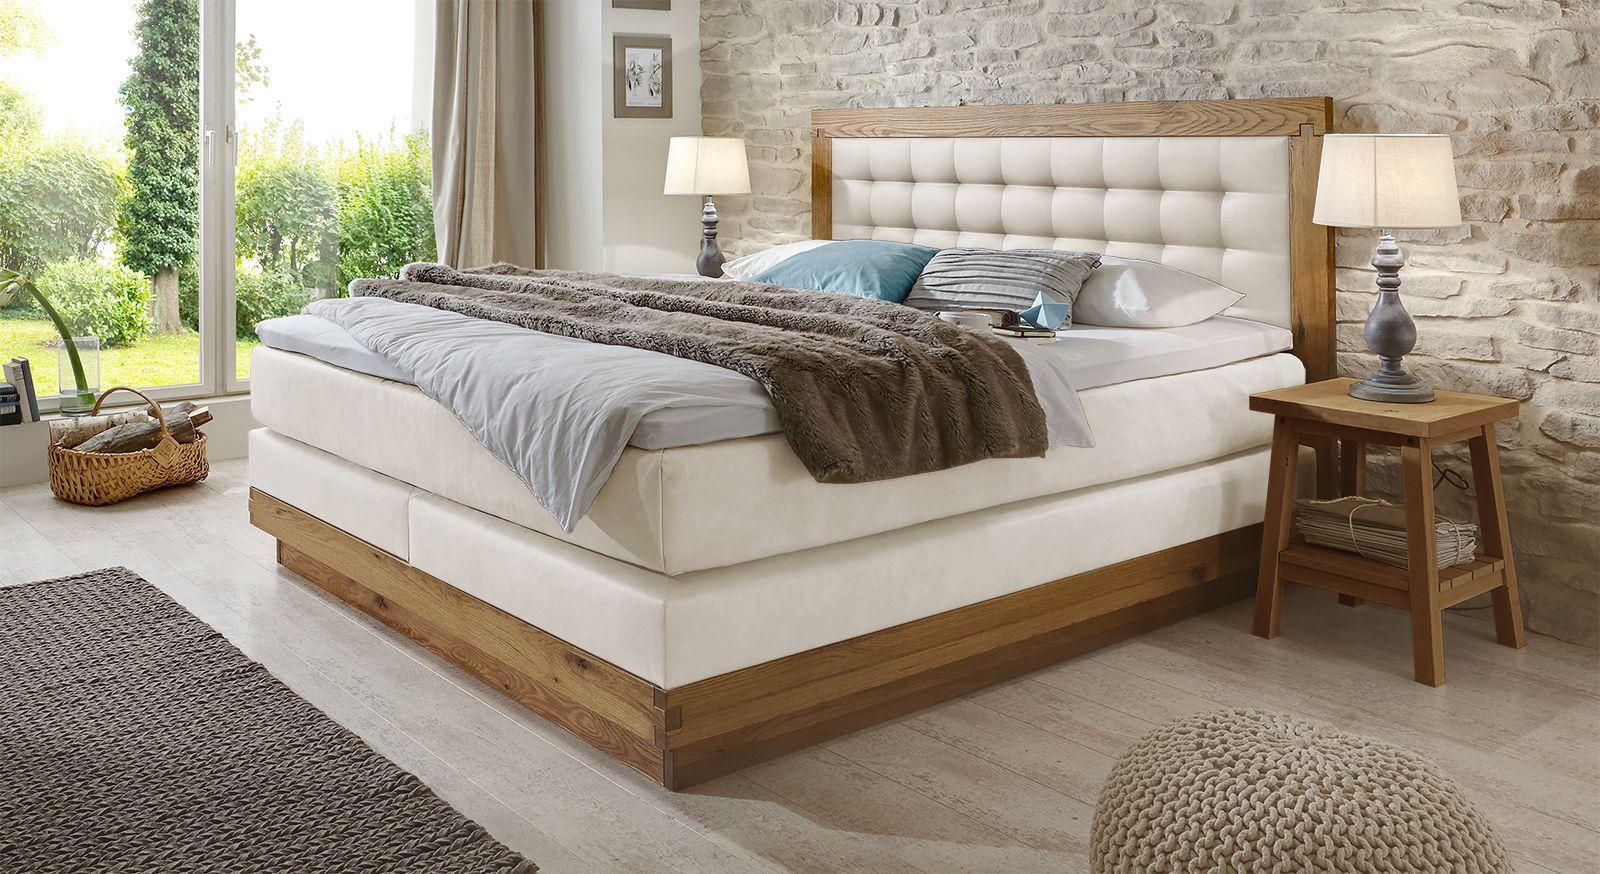 massivholz boxspringbett aus wildeiche kaufen - galicia, Schlafzimmer entwurf